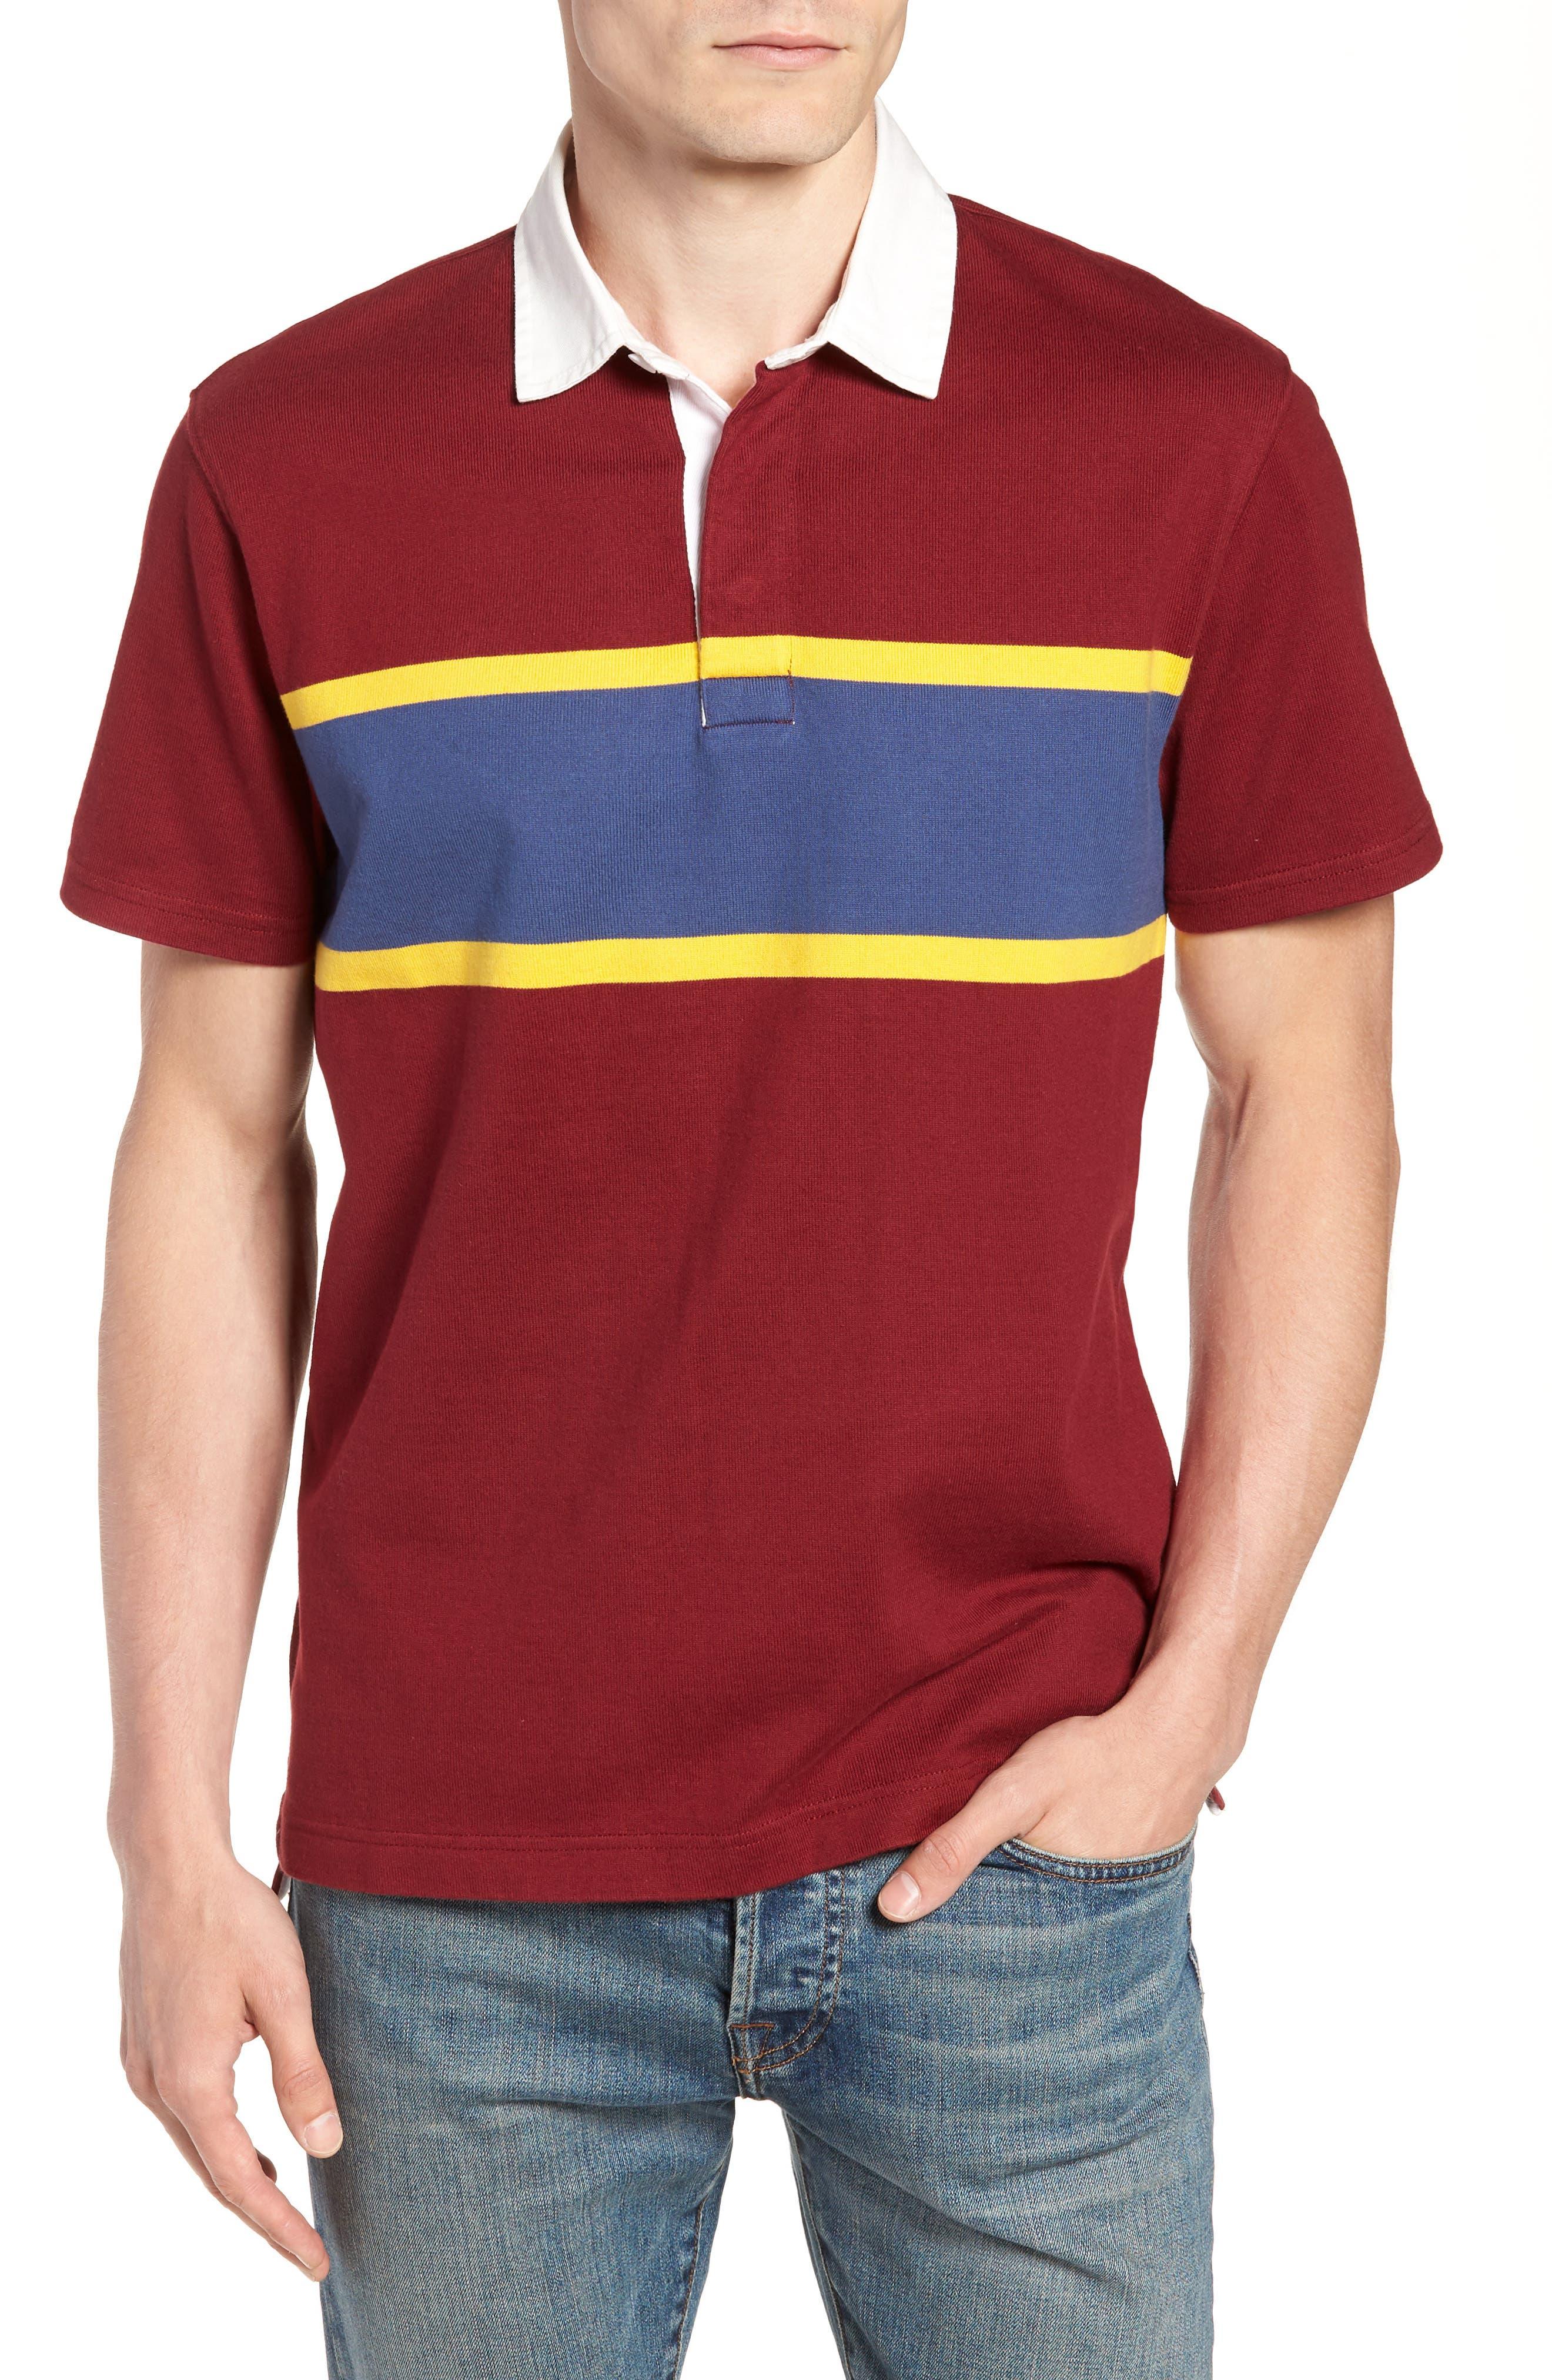 1984 Rugby Shirt,                         Main,                         color, Mahogany